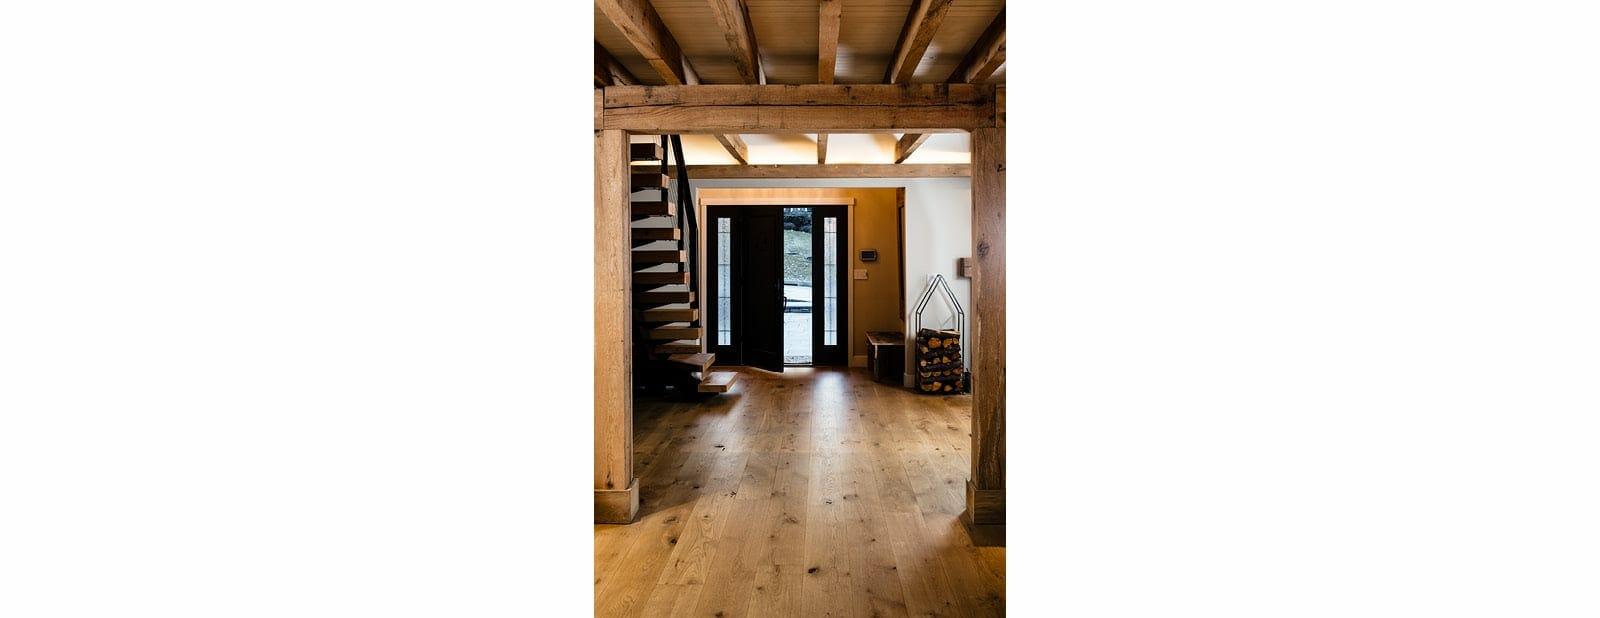 berwyn residence beams flooring